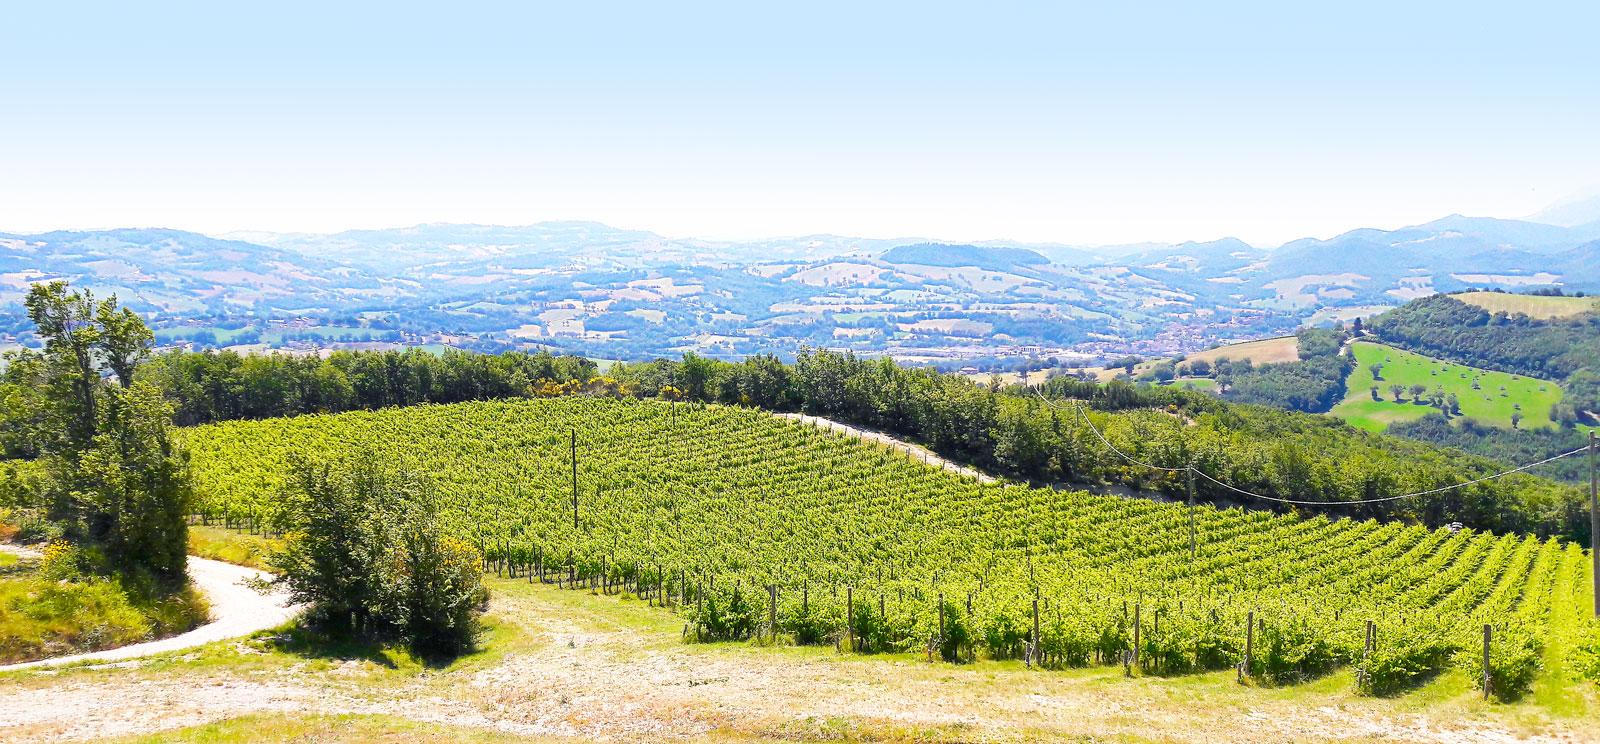 Vigne Marche